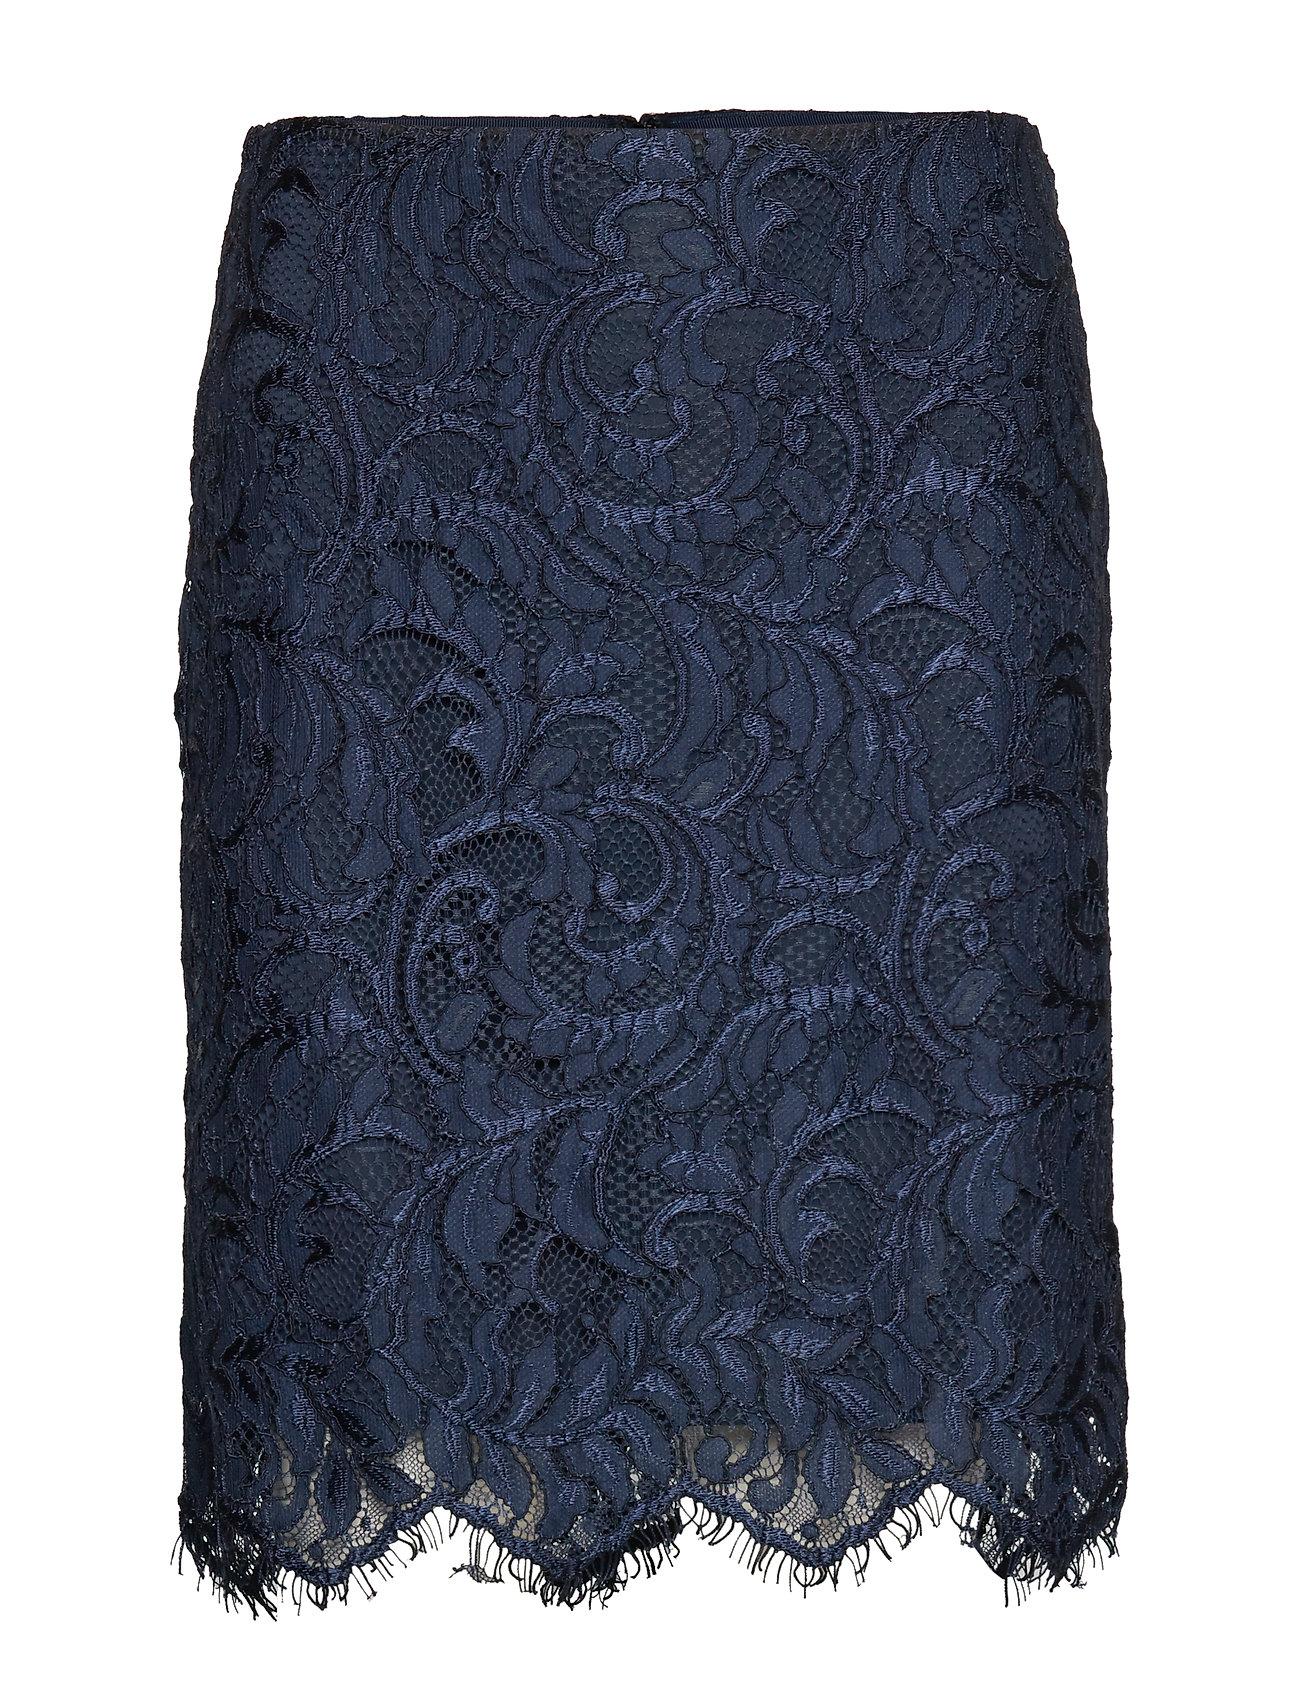 Rosemunde Skirt - NAVY